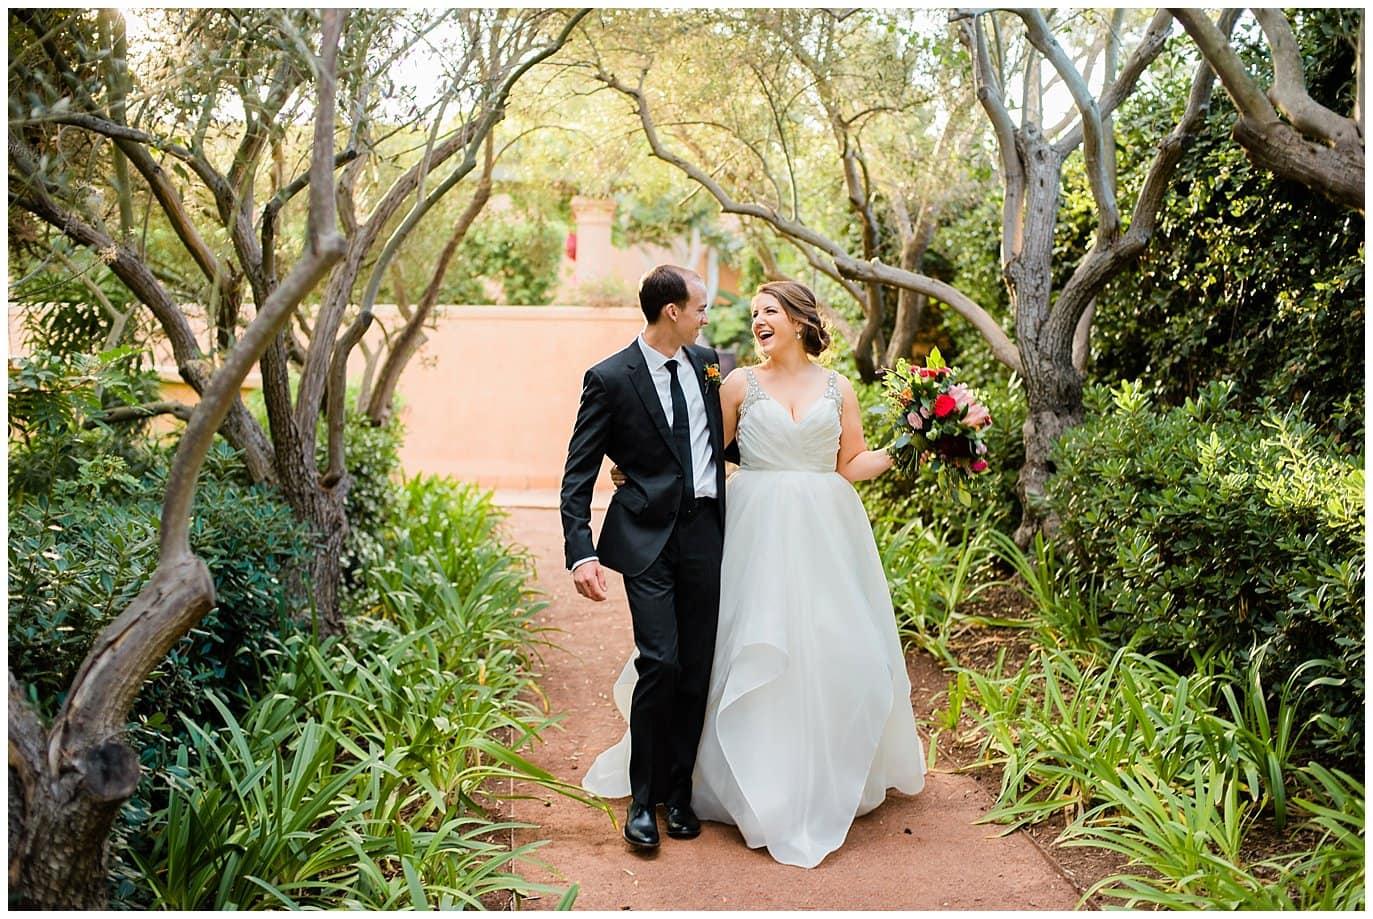 Rancho Valencia olive grove wedding photo